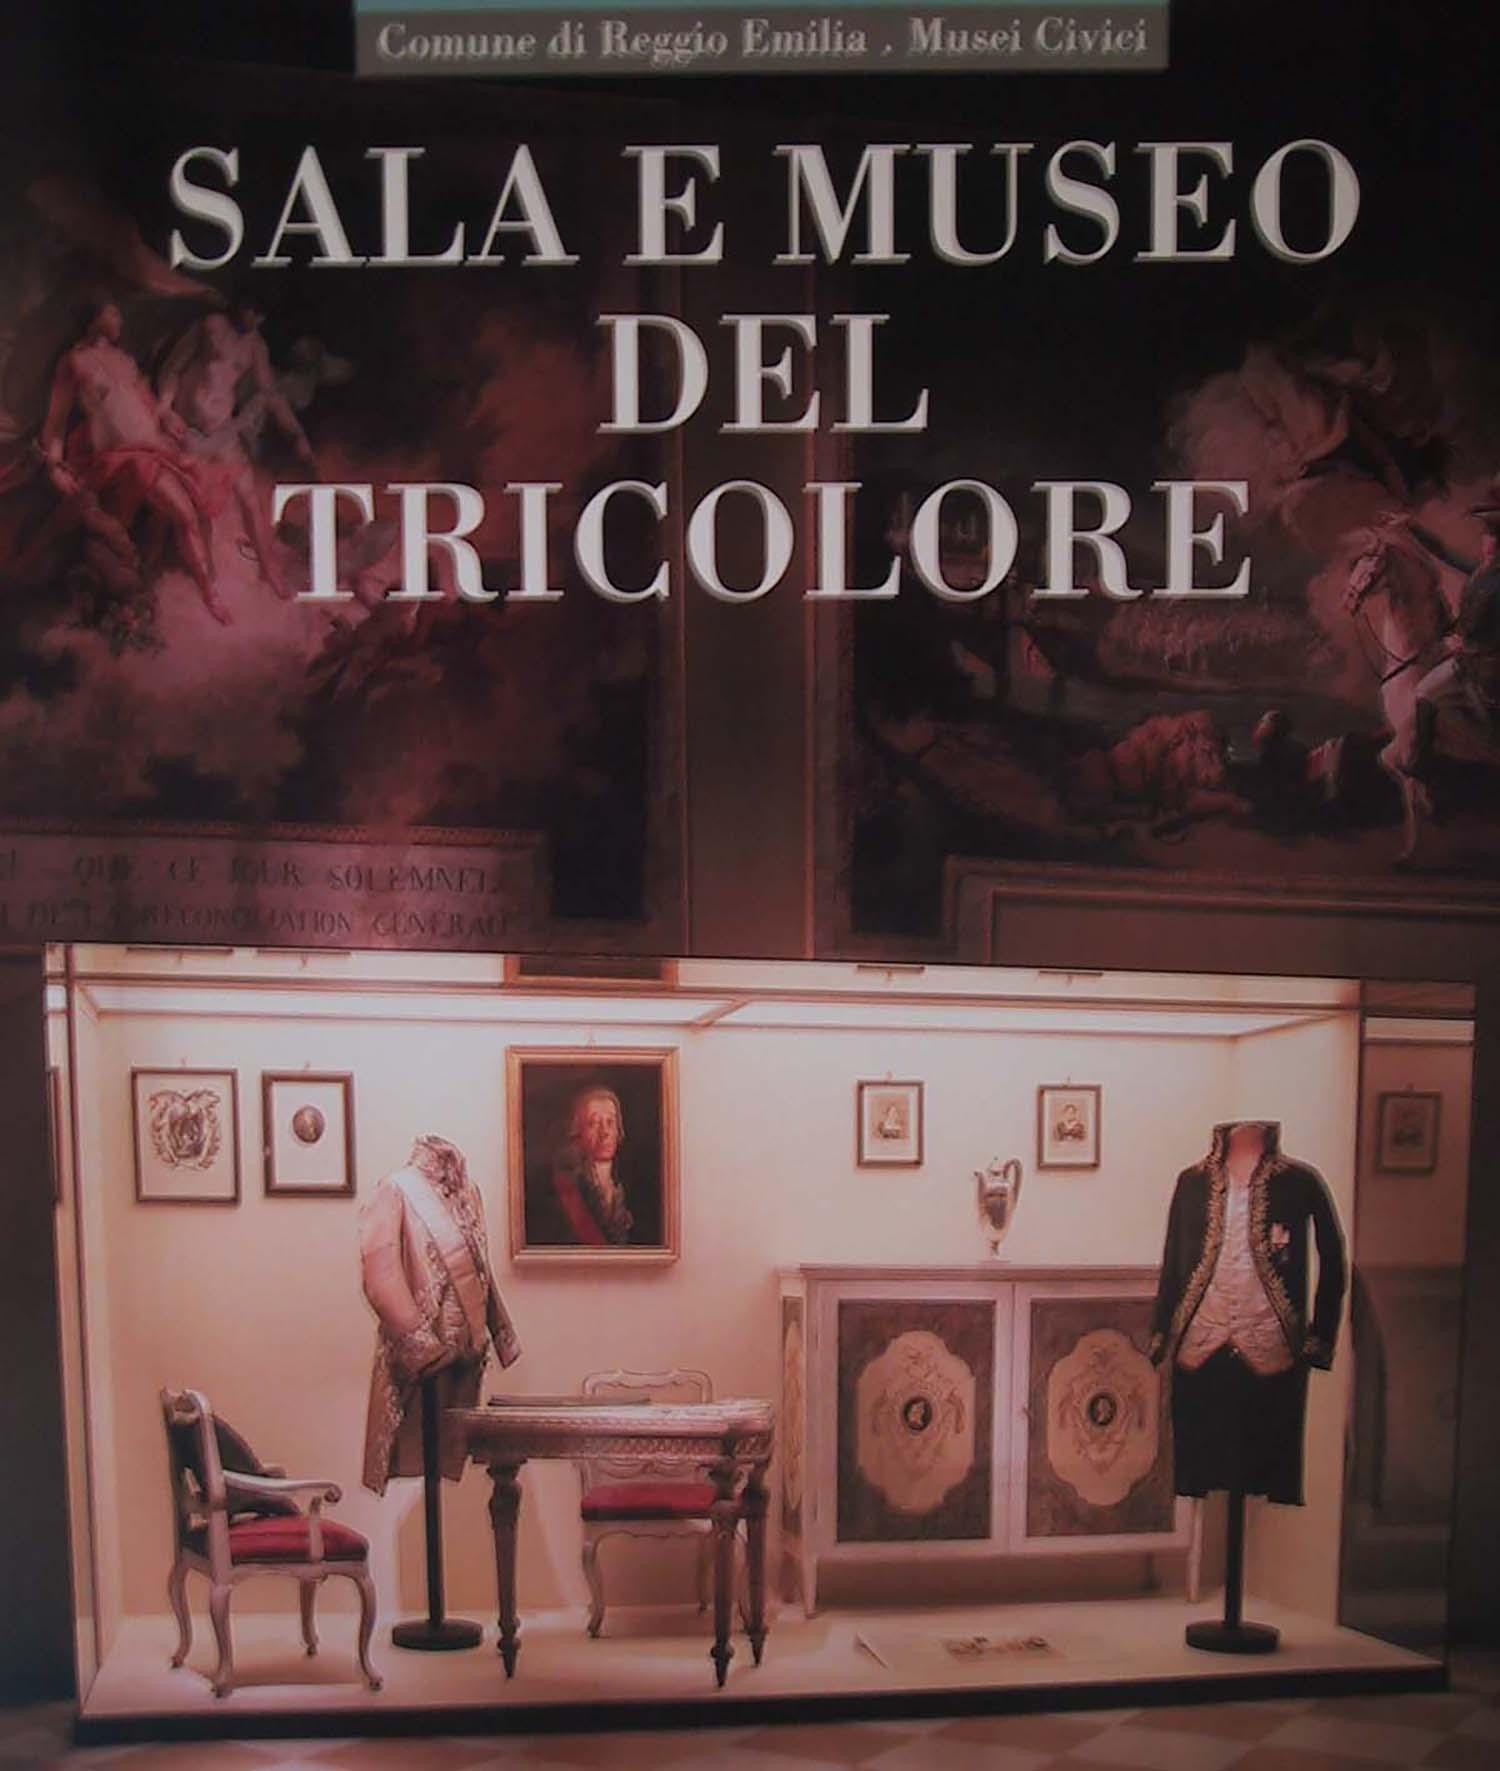 SALA-E-MUSEO-DEL-TRICOLORE-REGGIO-EMILIA